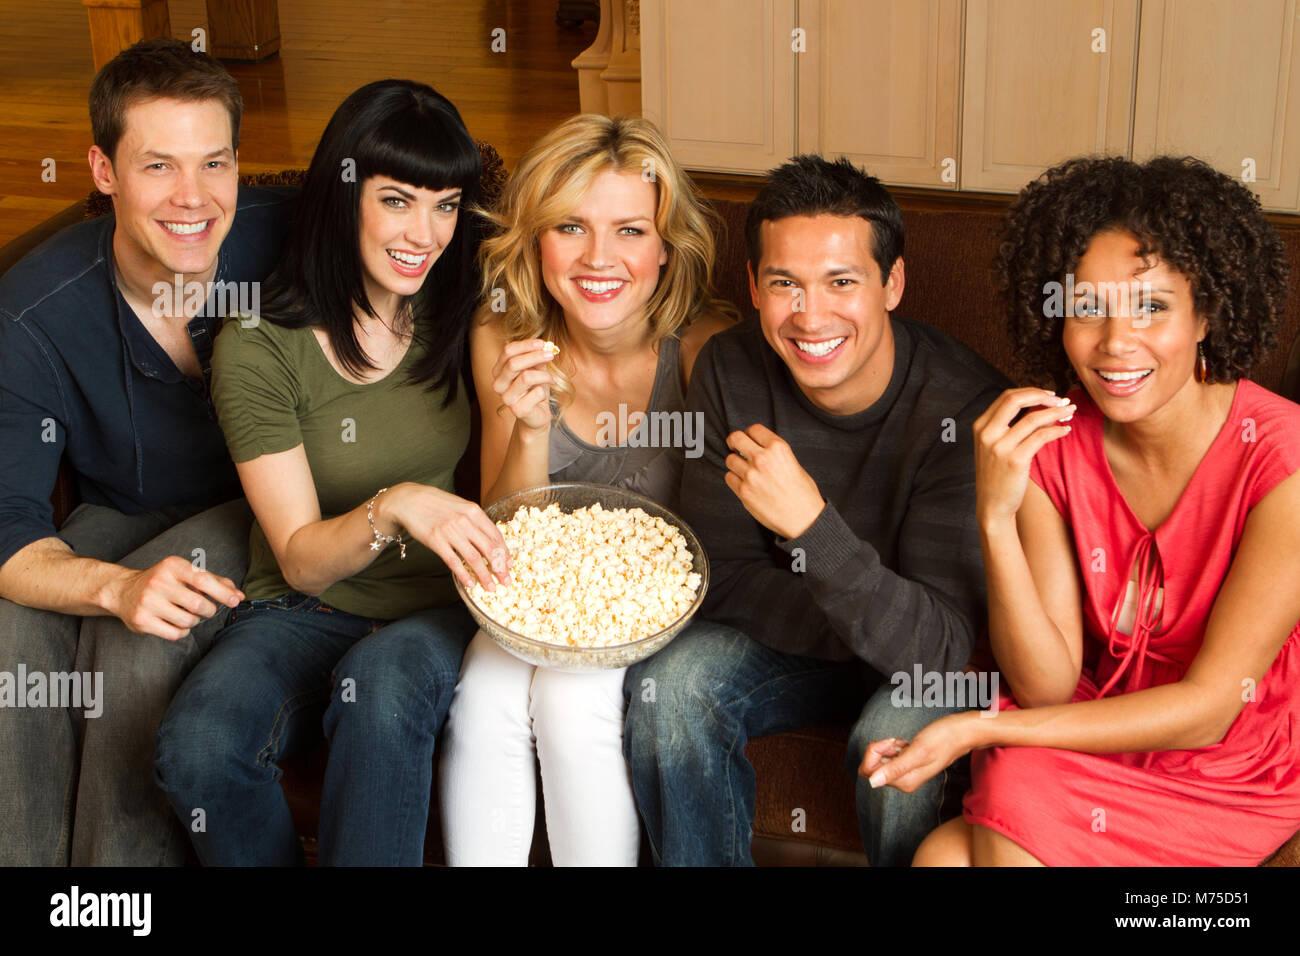 Diversos Grupos De Amigos Hablando Y Riéndose Foto Imagen De Stock